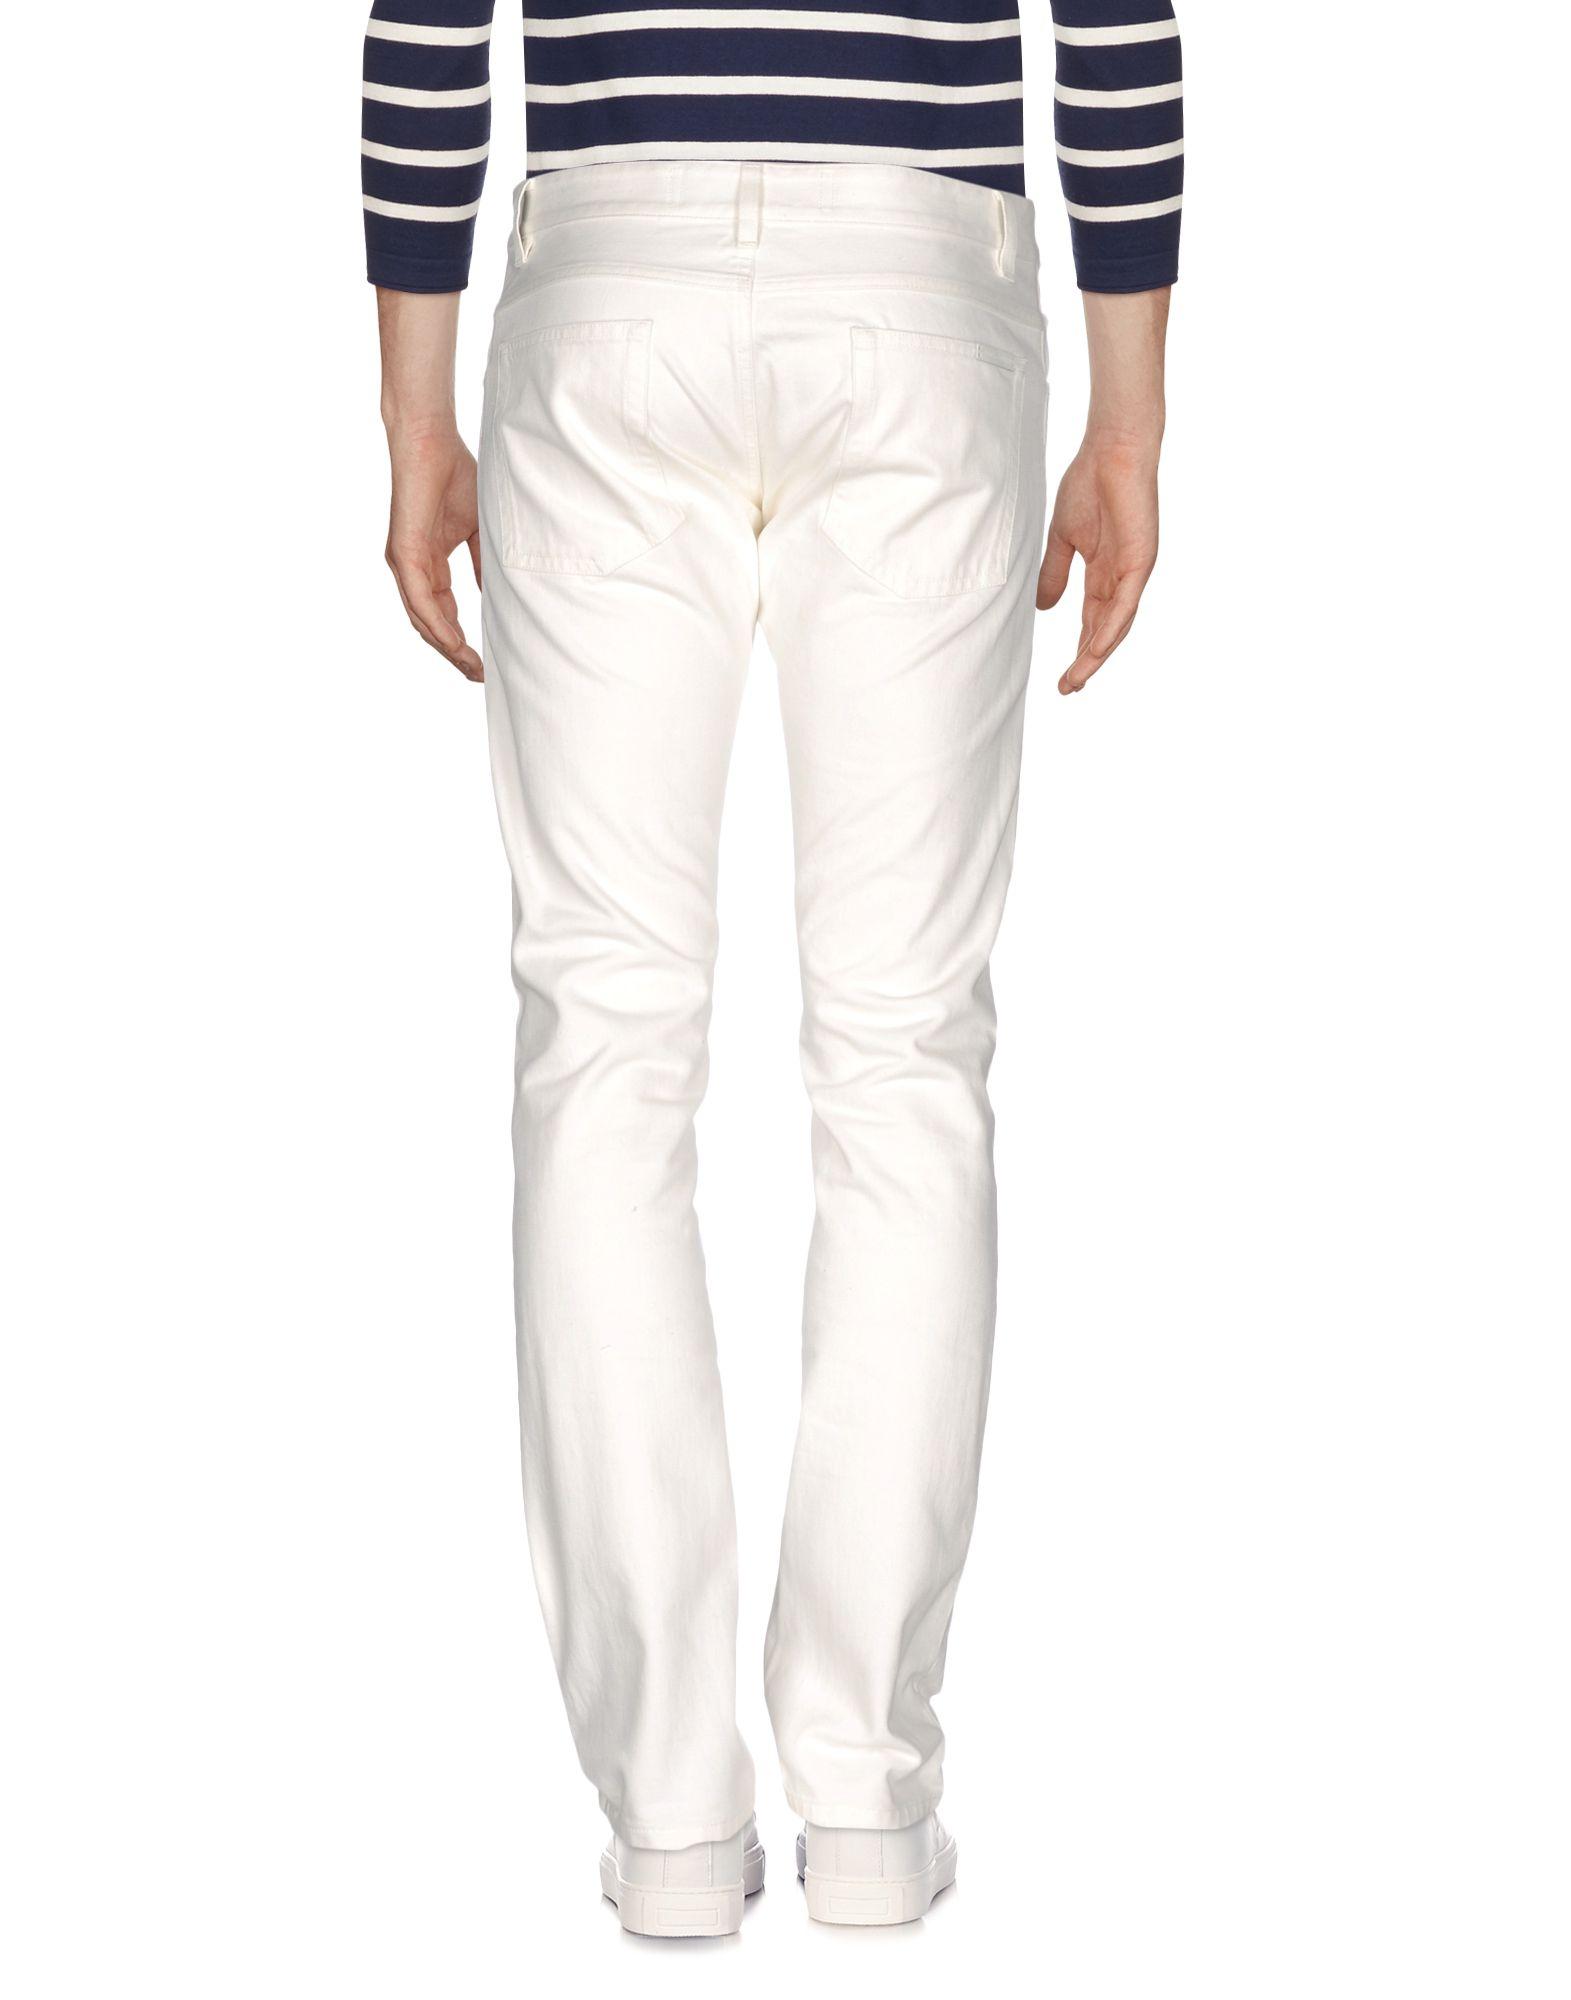 Pantaloni Jeans Dolce & Gabbana Uomo 42571086KM - 42571086KM Uomo a6e524